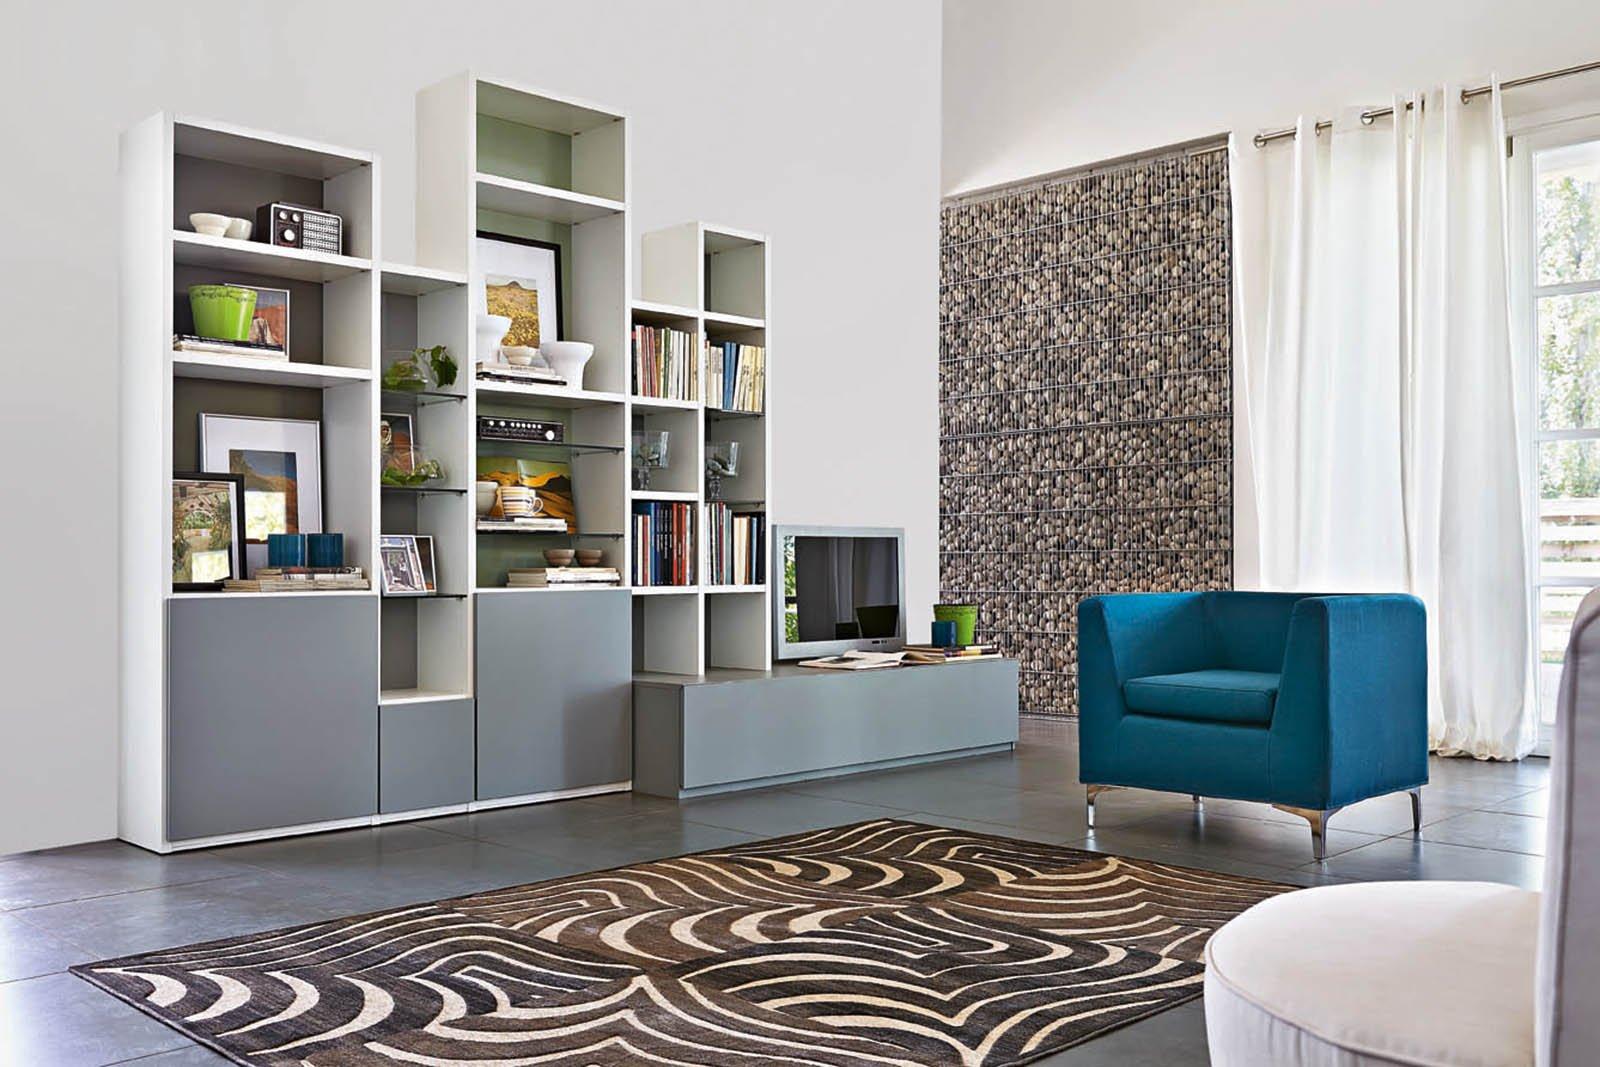 Librerie componibili i mobili pi importanti del soggiorno cose di casa - Mobili per ingresso mercatone uno ...